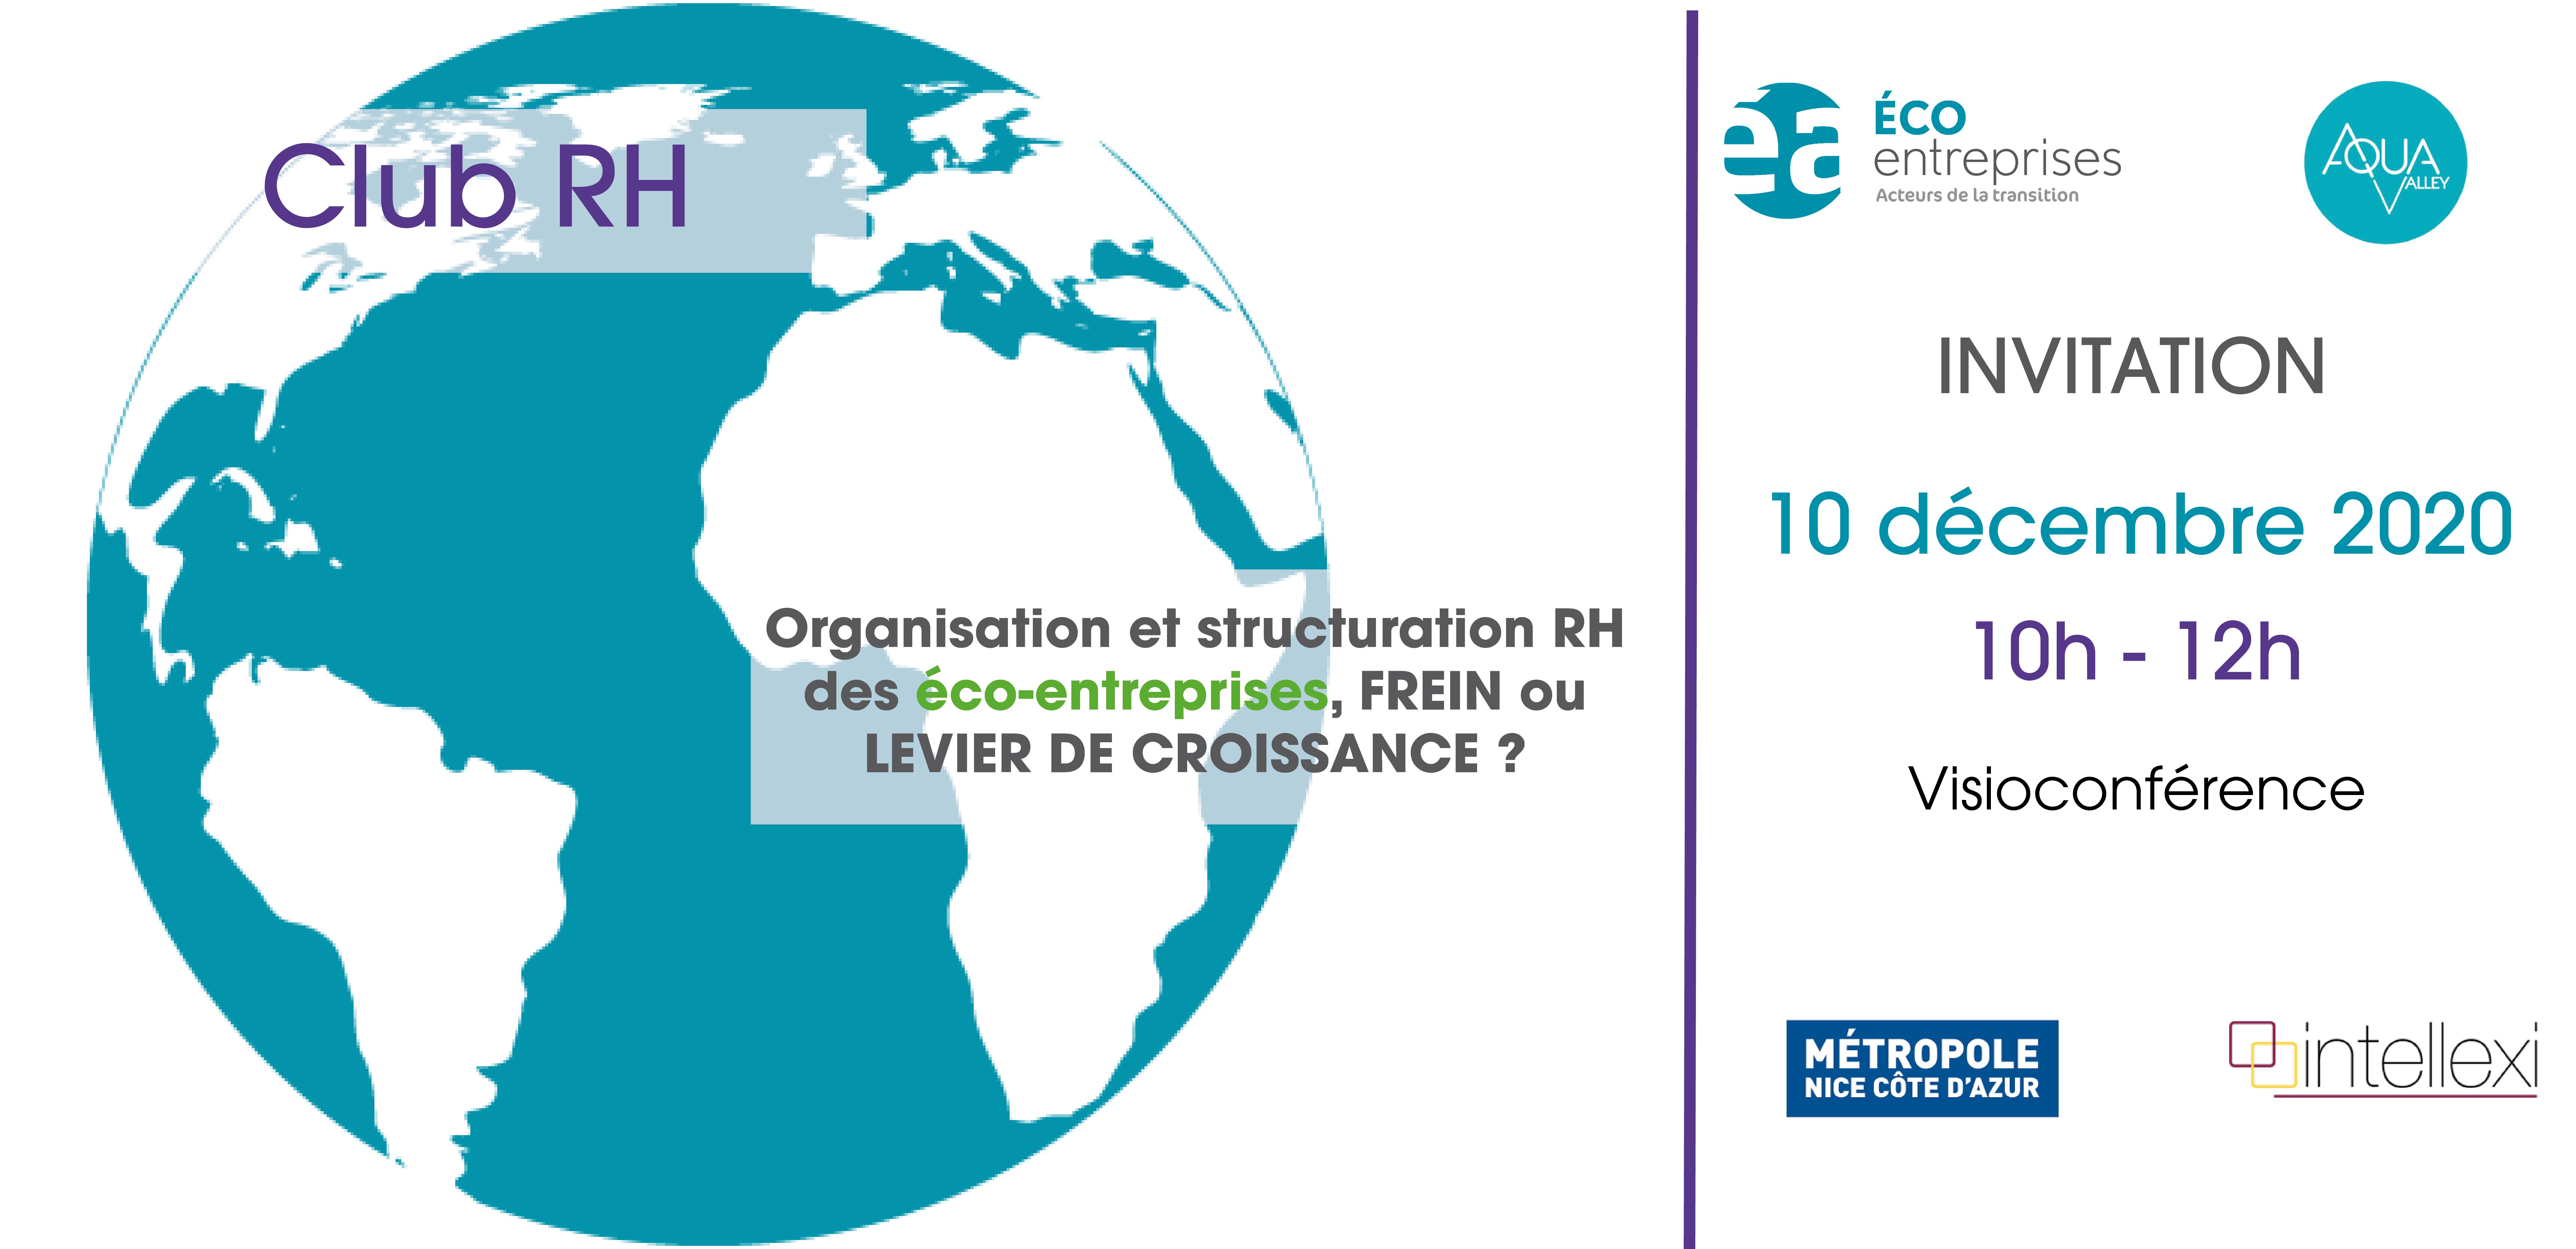 [CLUB RH] : Organisation et structuration RH des éco-entreprises, FREIN OU LEVIER DE CROISSANCE ?